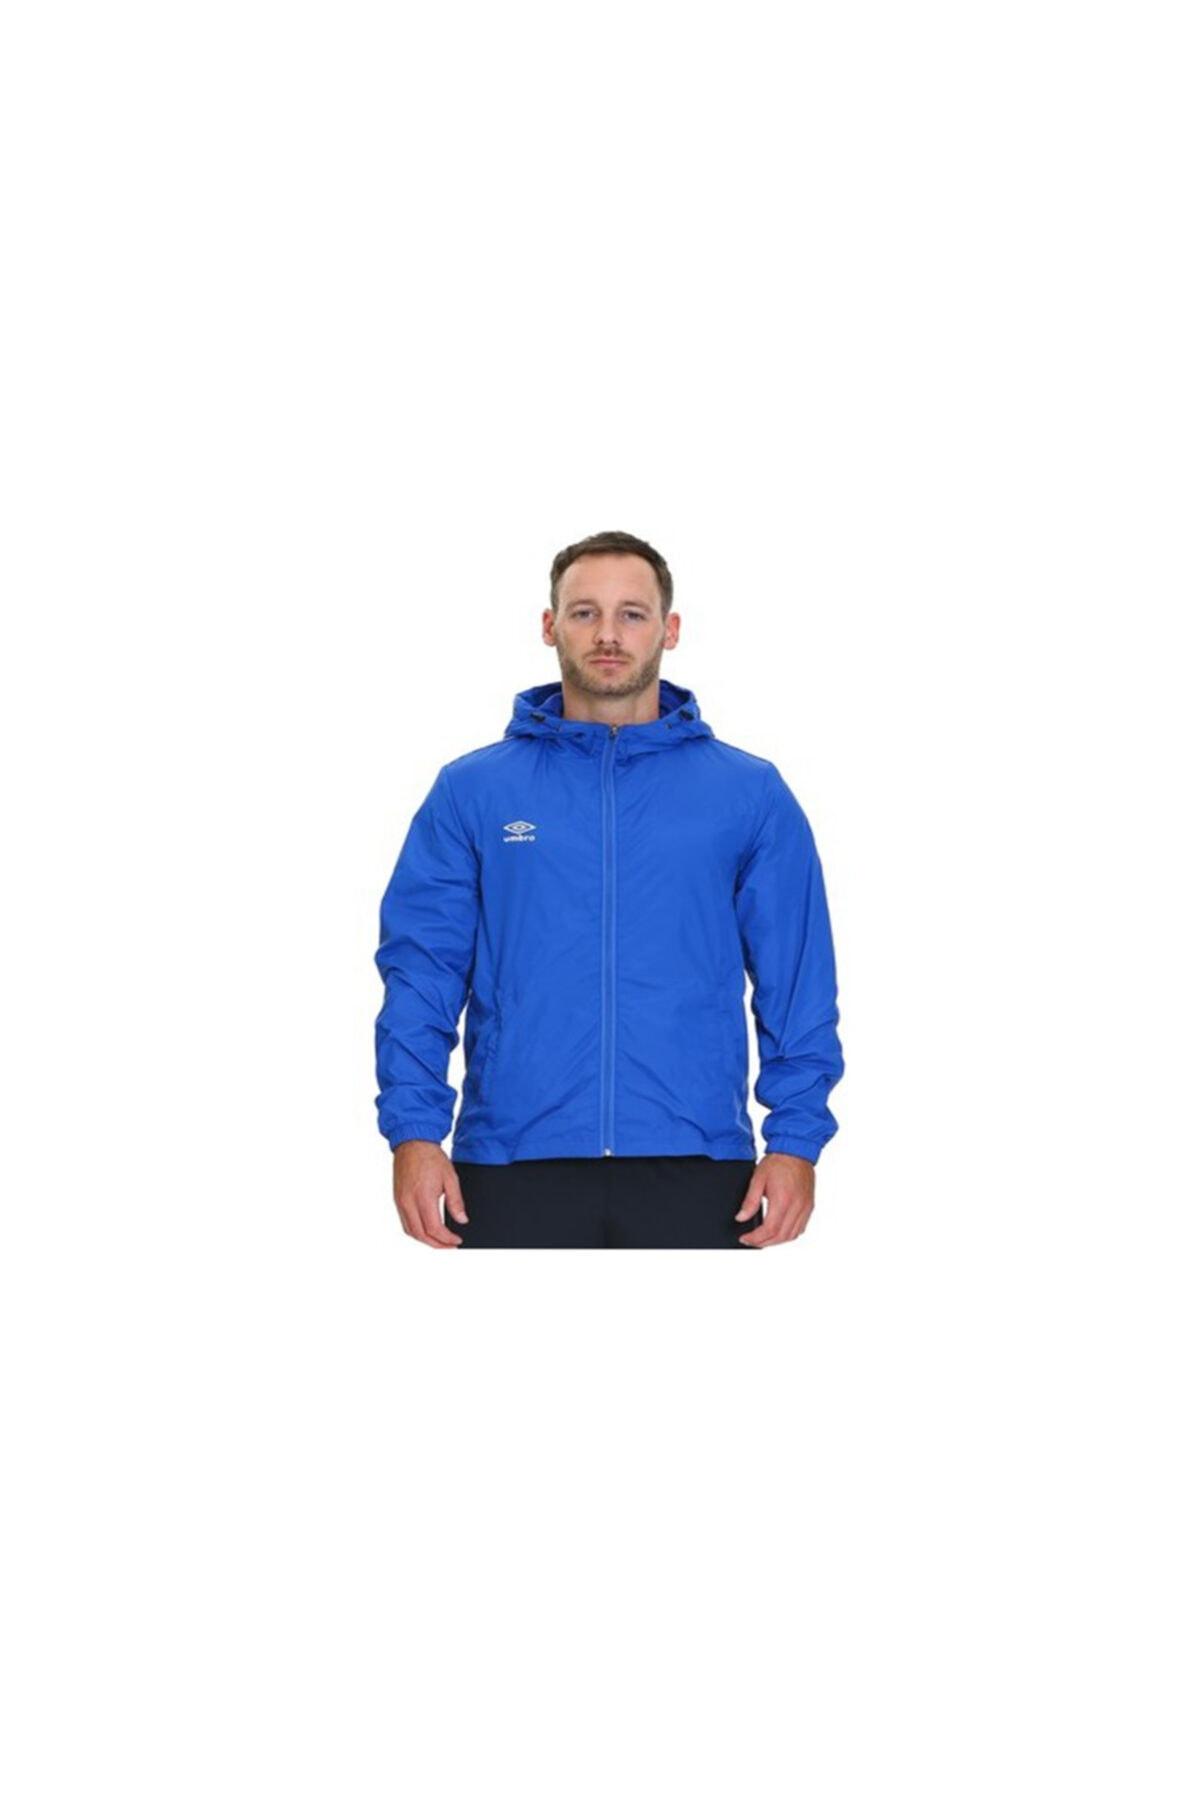 سفارش انلاین گرمکن ورزشی ساده برند UMBRO رنگ آبی کد ty44591198